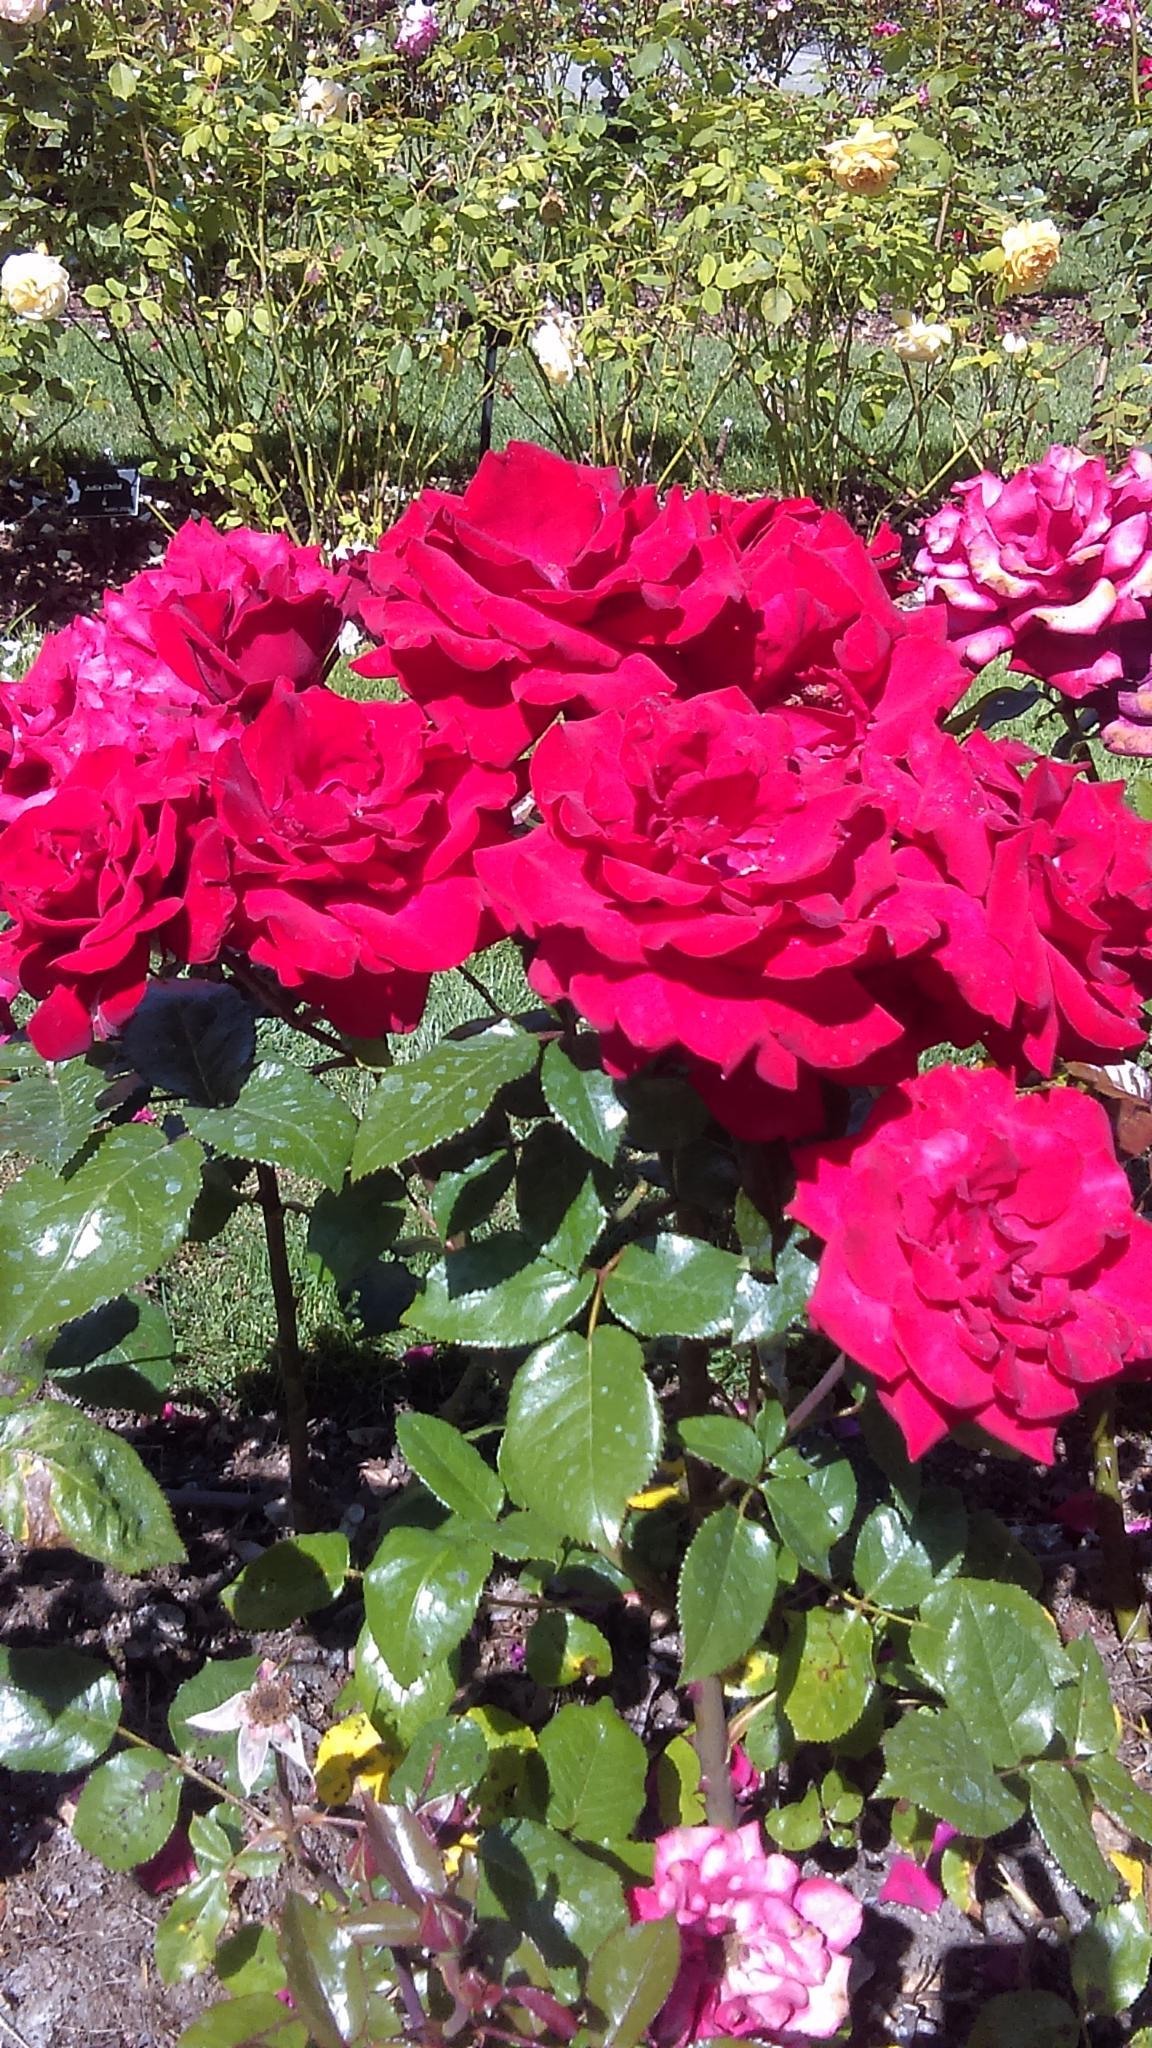 roses #6 by Elizabettvan